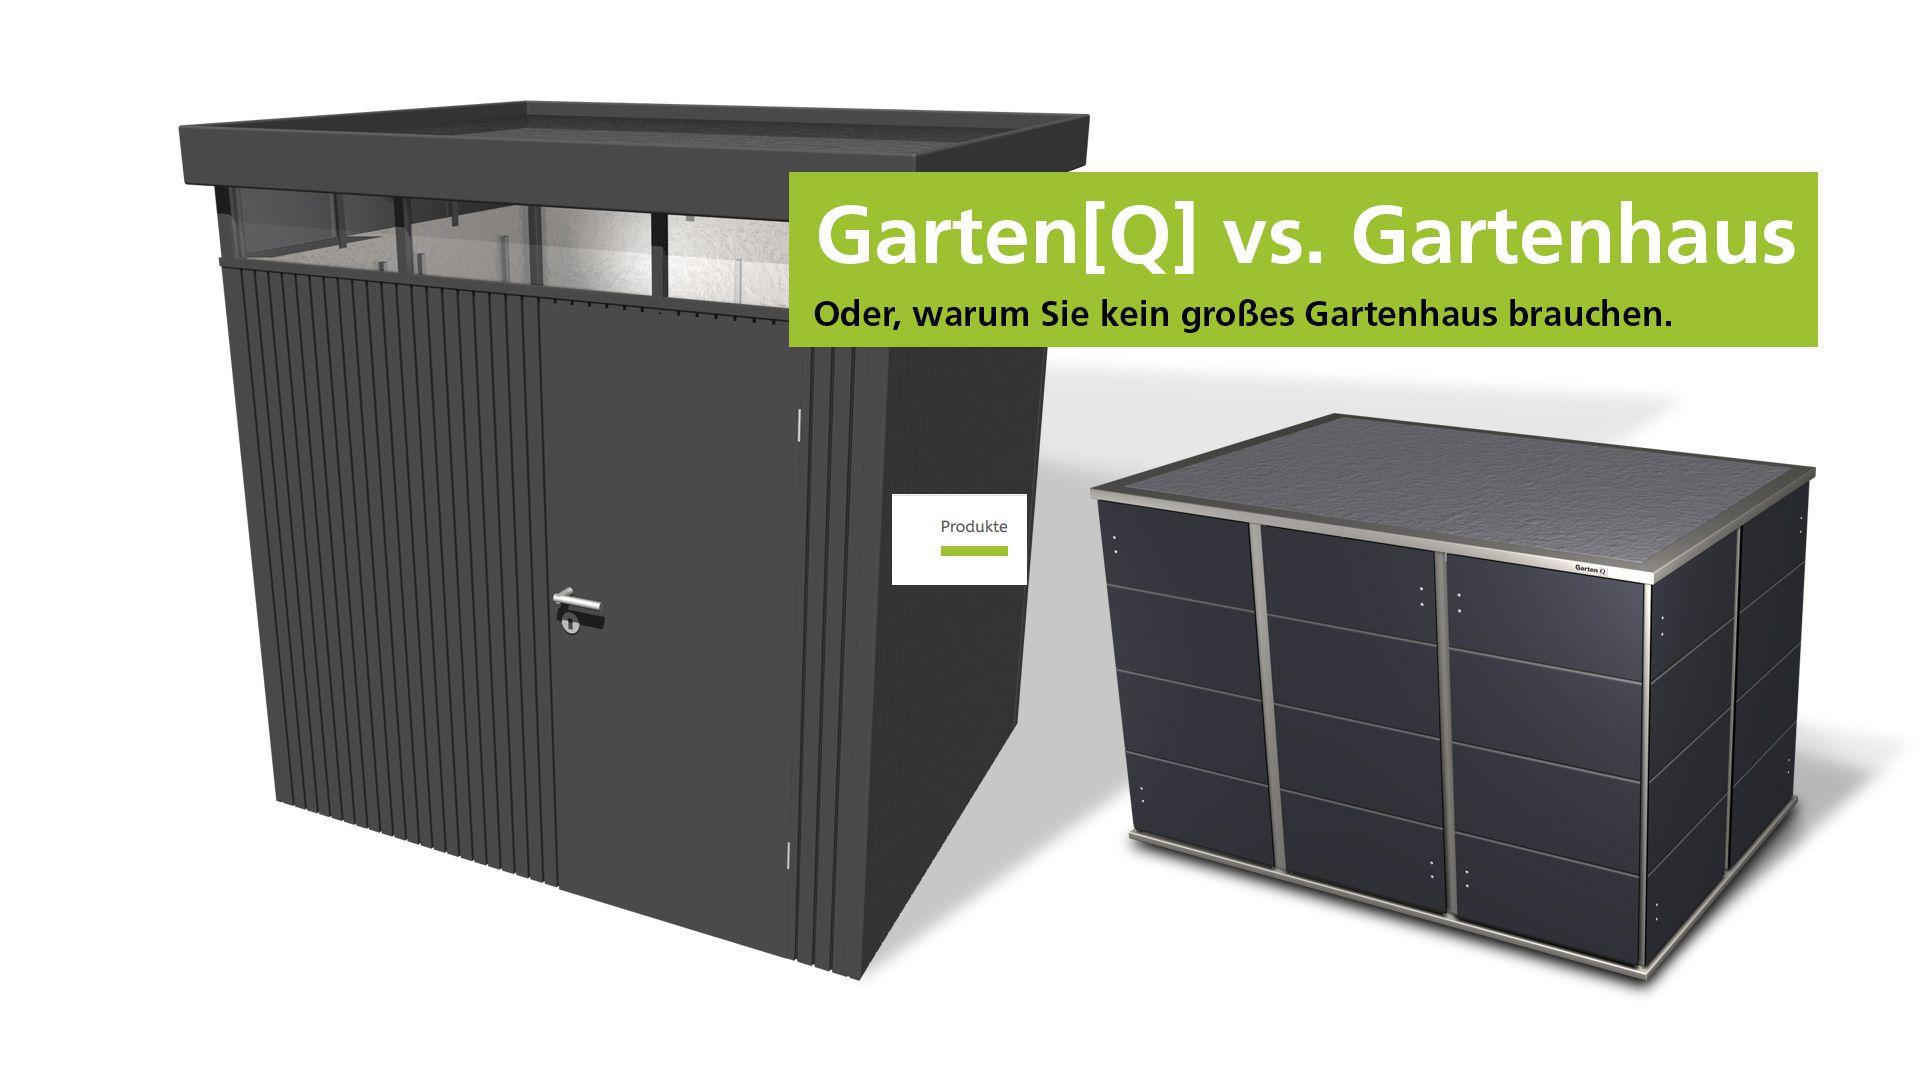 Gartenhaus Oder Garten Q Warum Man Kein Grosses Geratehaus Fur Seinen Garten Braucht Video In 2020 Gartenhaus Gartenhaus Flachdach Modern Schliessfacher